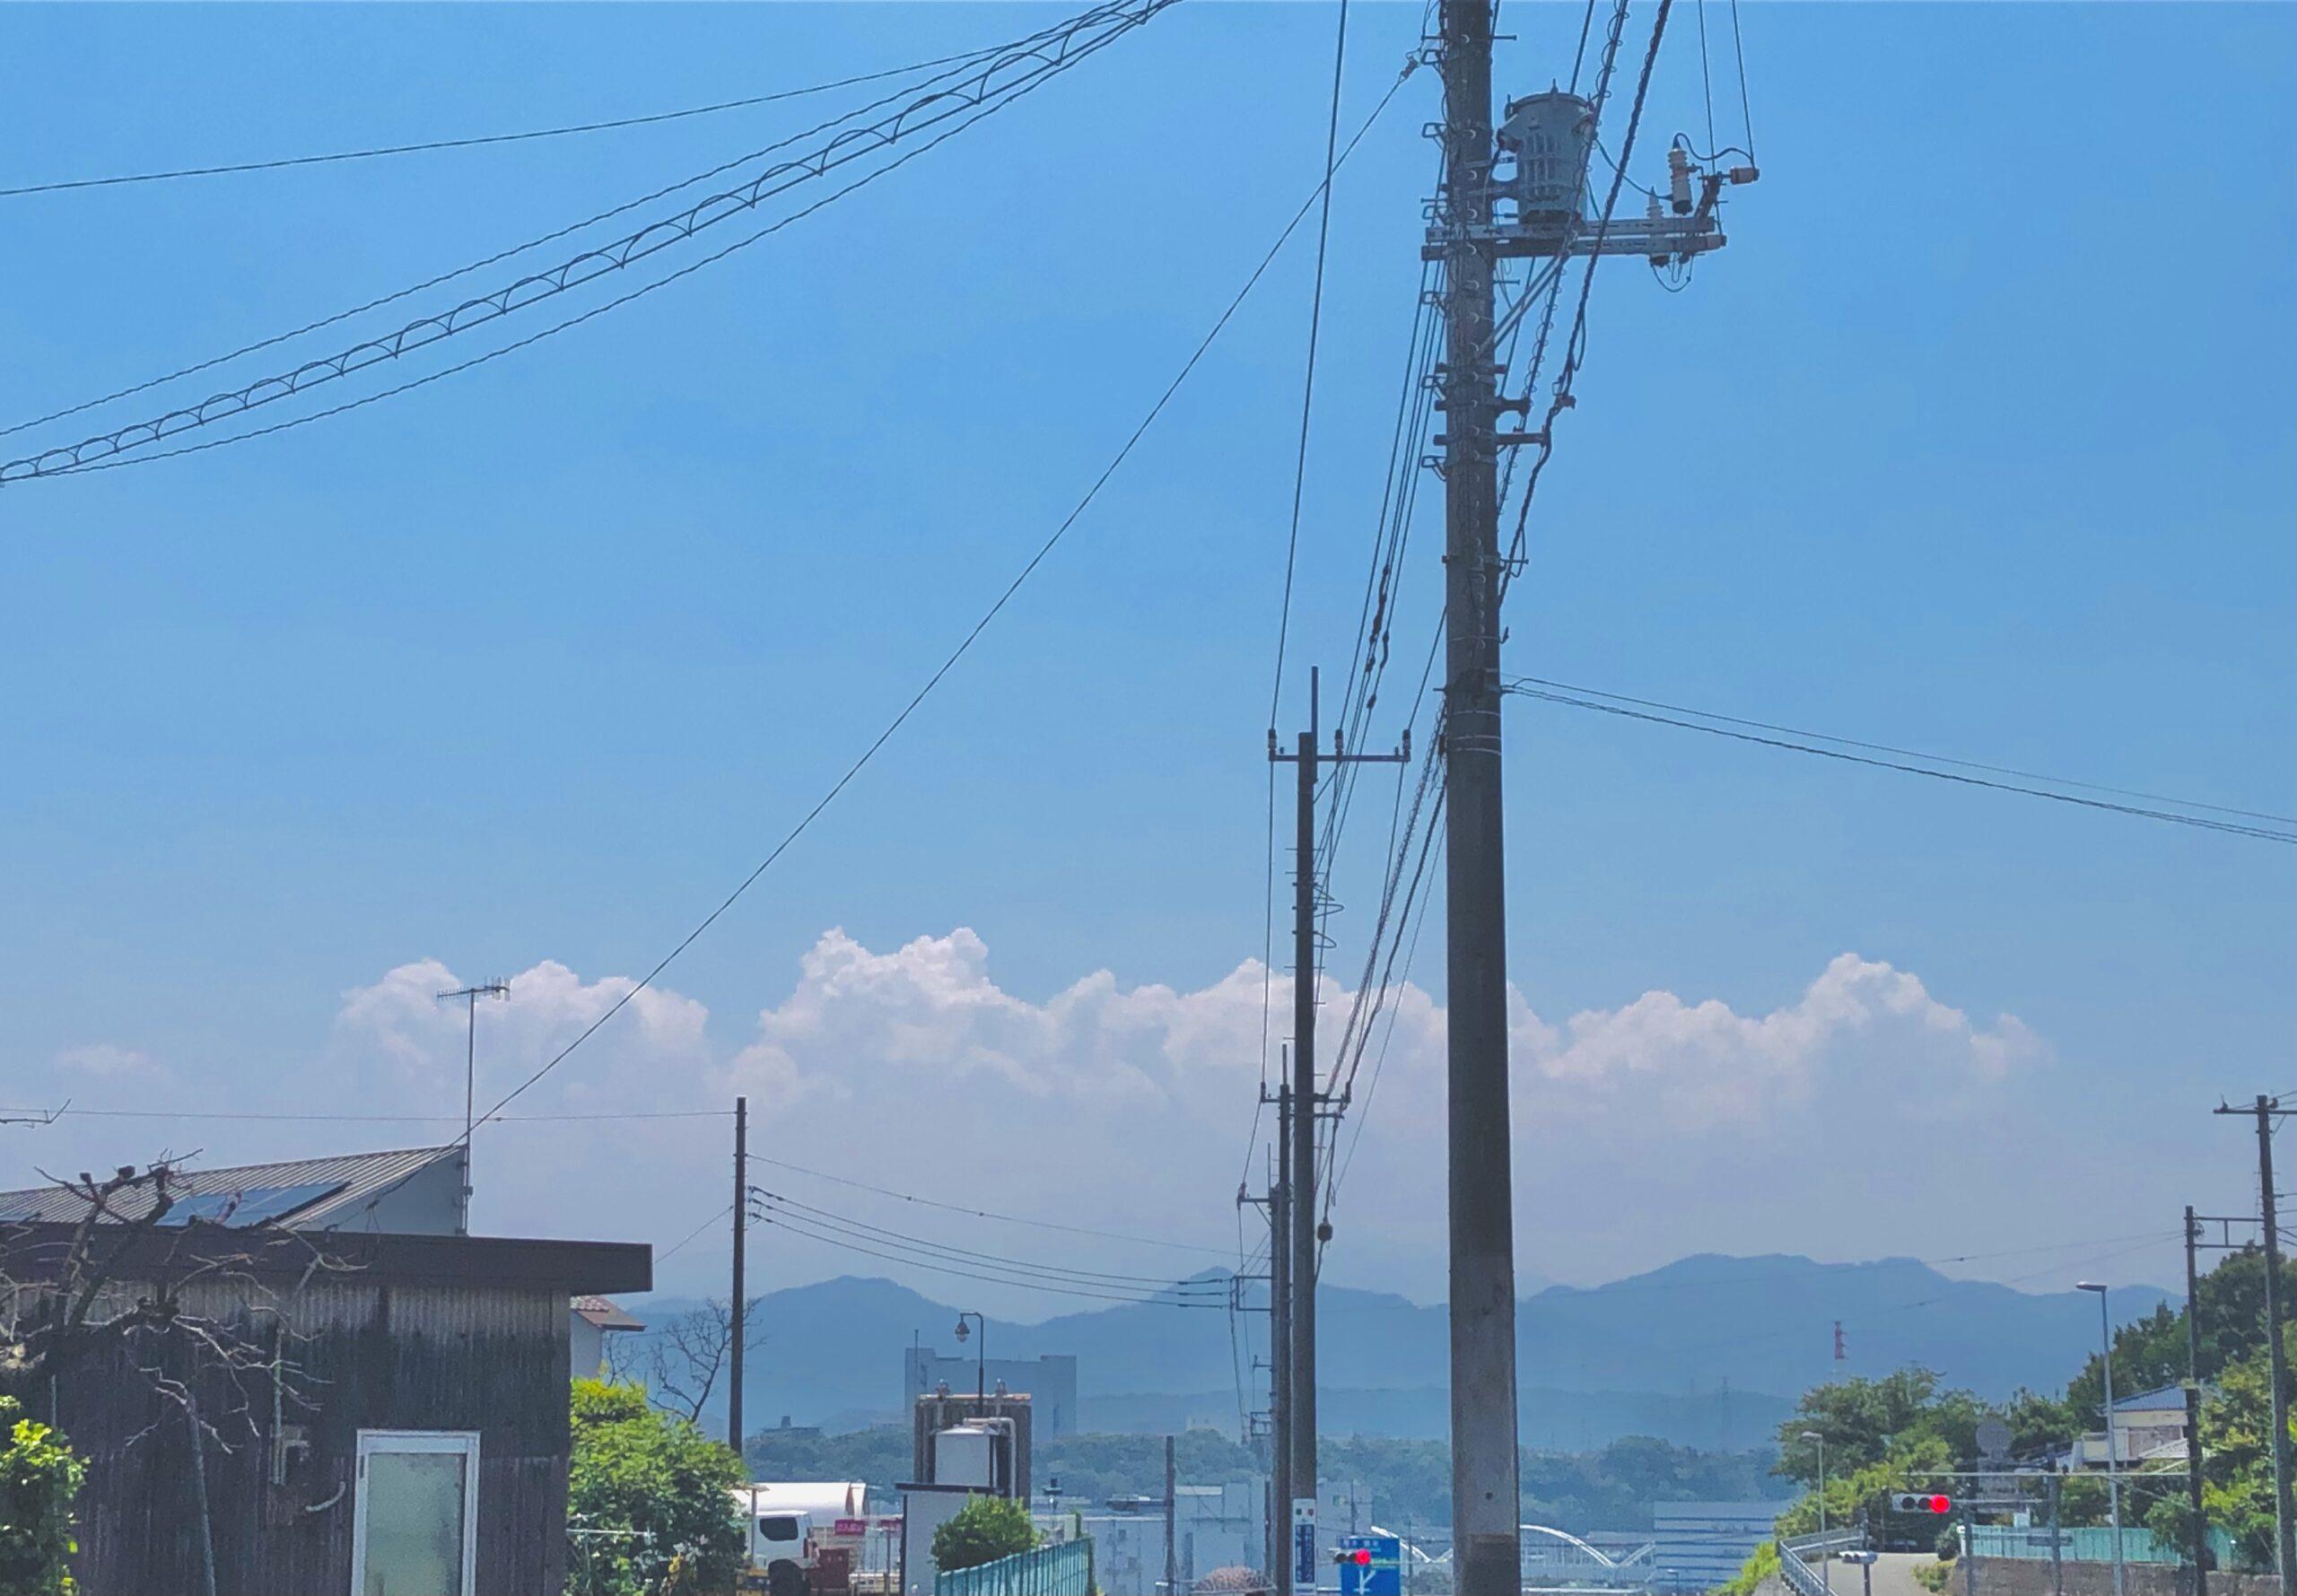 夏らしい雲になってきた気がする!の投稿写真